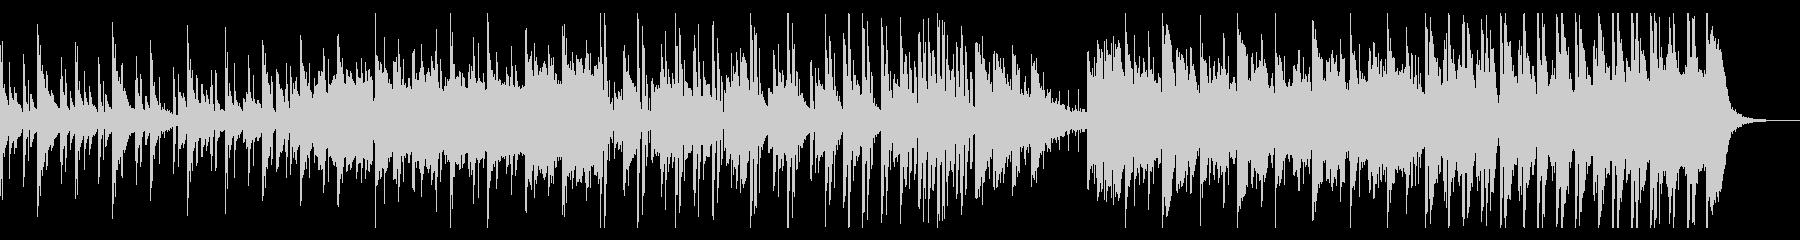 ピアノ・オルガン・雨音の温シティポップの未再生の波形